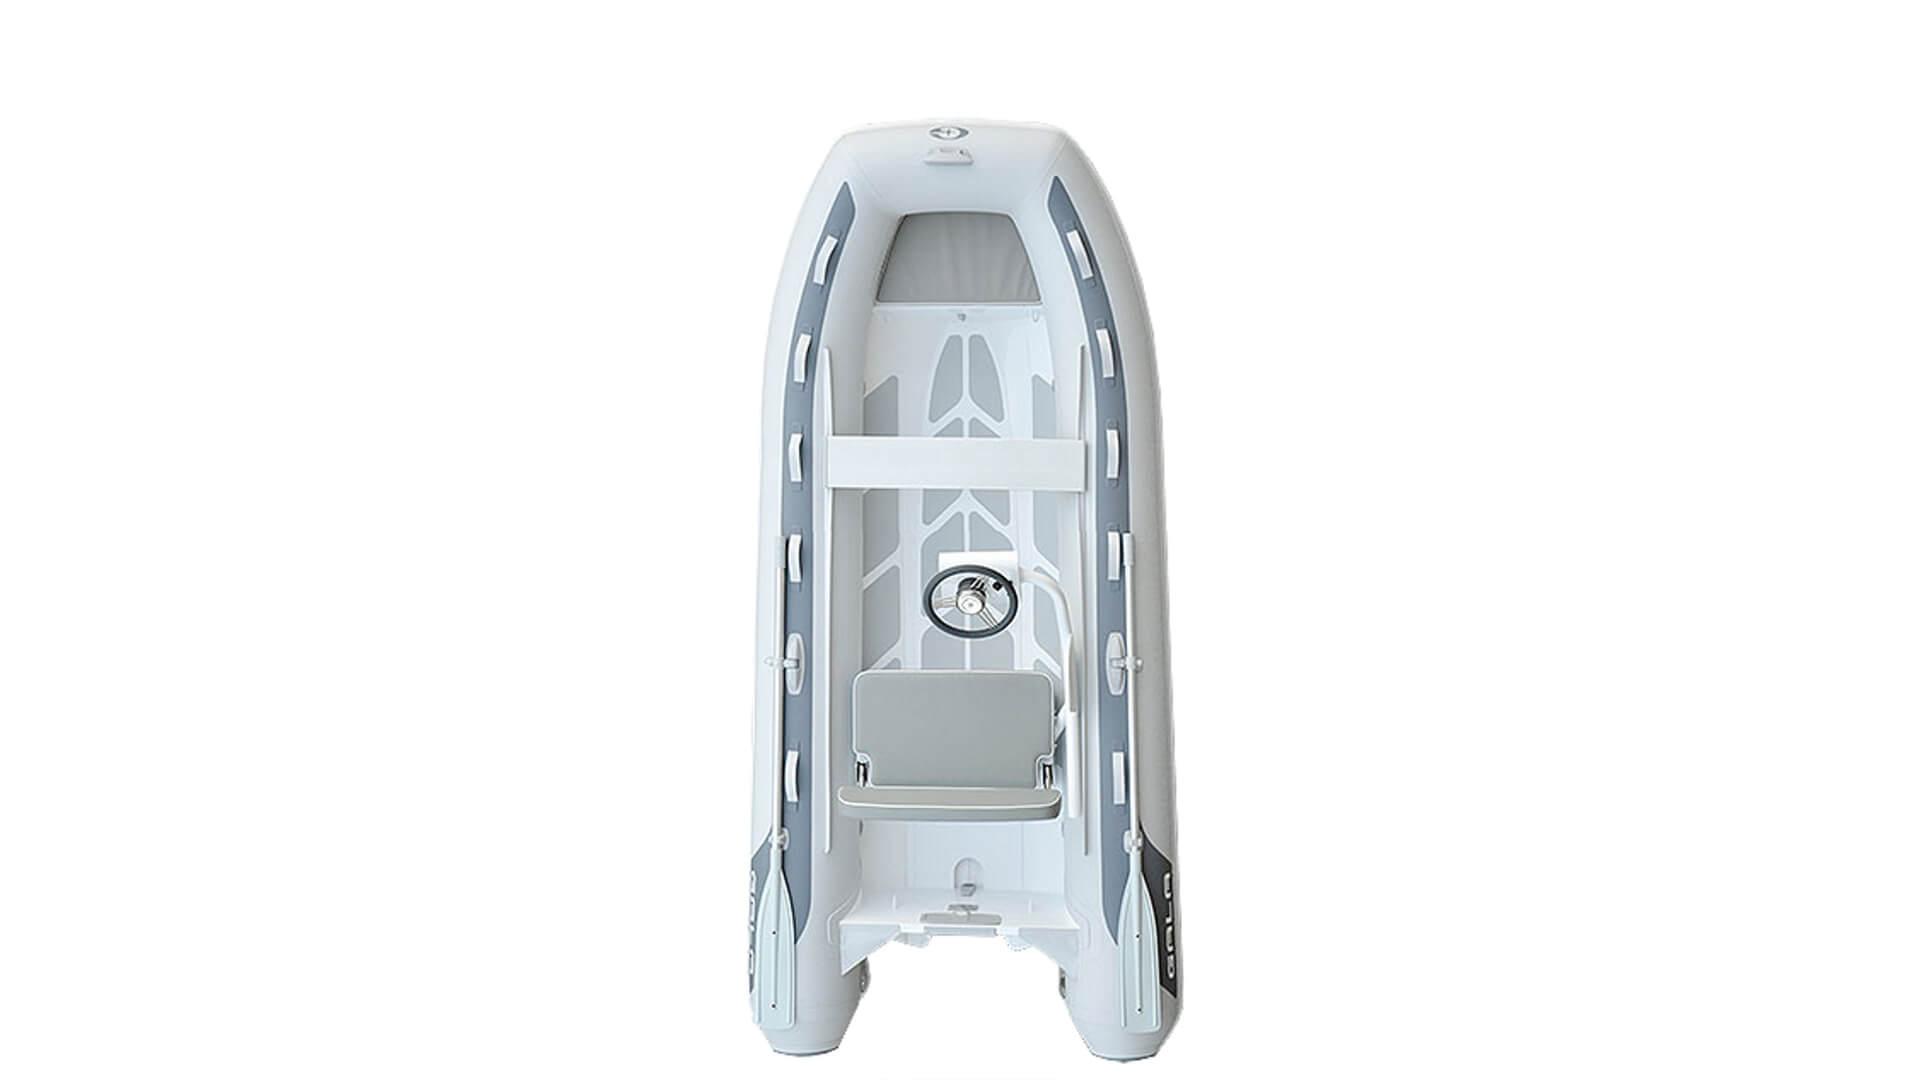 Надувная лодка с жестким алюминиевым дном GALA Atlantis Aquahelm A300Q, Надувная лодка с жестким дном GALA Atlantis Aquahelm A300Q, Надувная лодка с жестким дном GALA A300Q, GALA Atlantis Aquahelm A300Q, GALA Aquahelm A300Q, Надувная лодка GALA A300Q, Надувная лодка GALA A300Q, GALA A300Q, лодка с жестким дном, алюминиевый риб, алюминиевый RIB, RIB